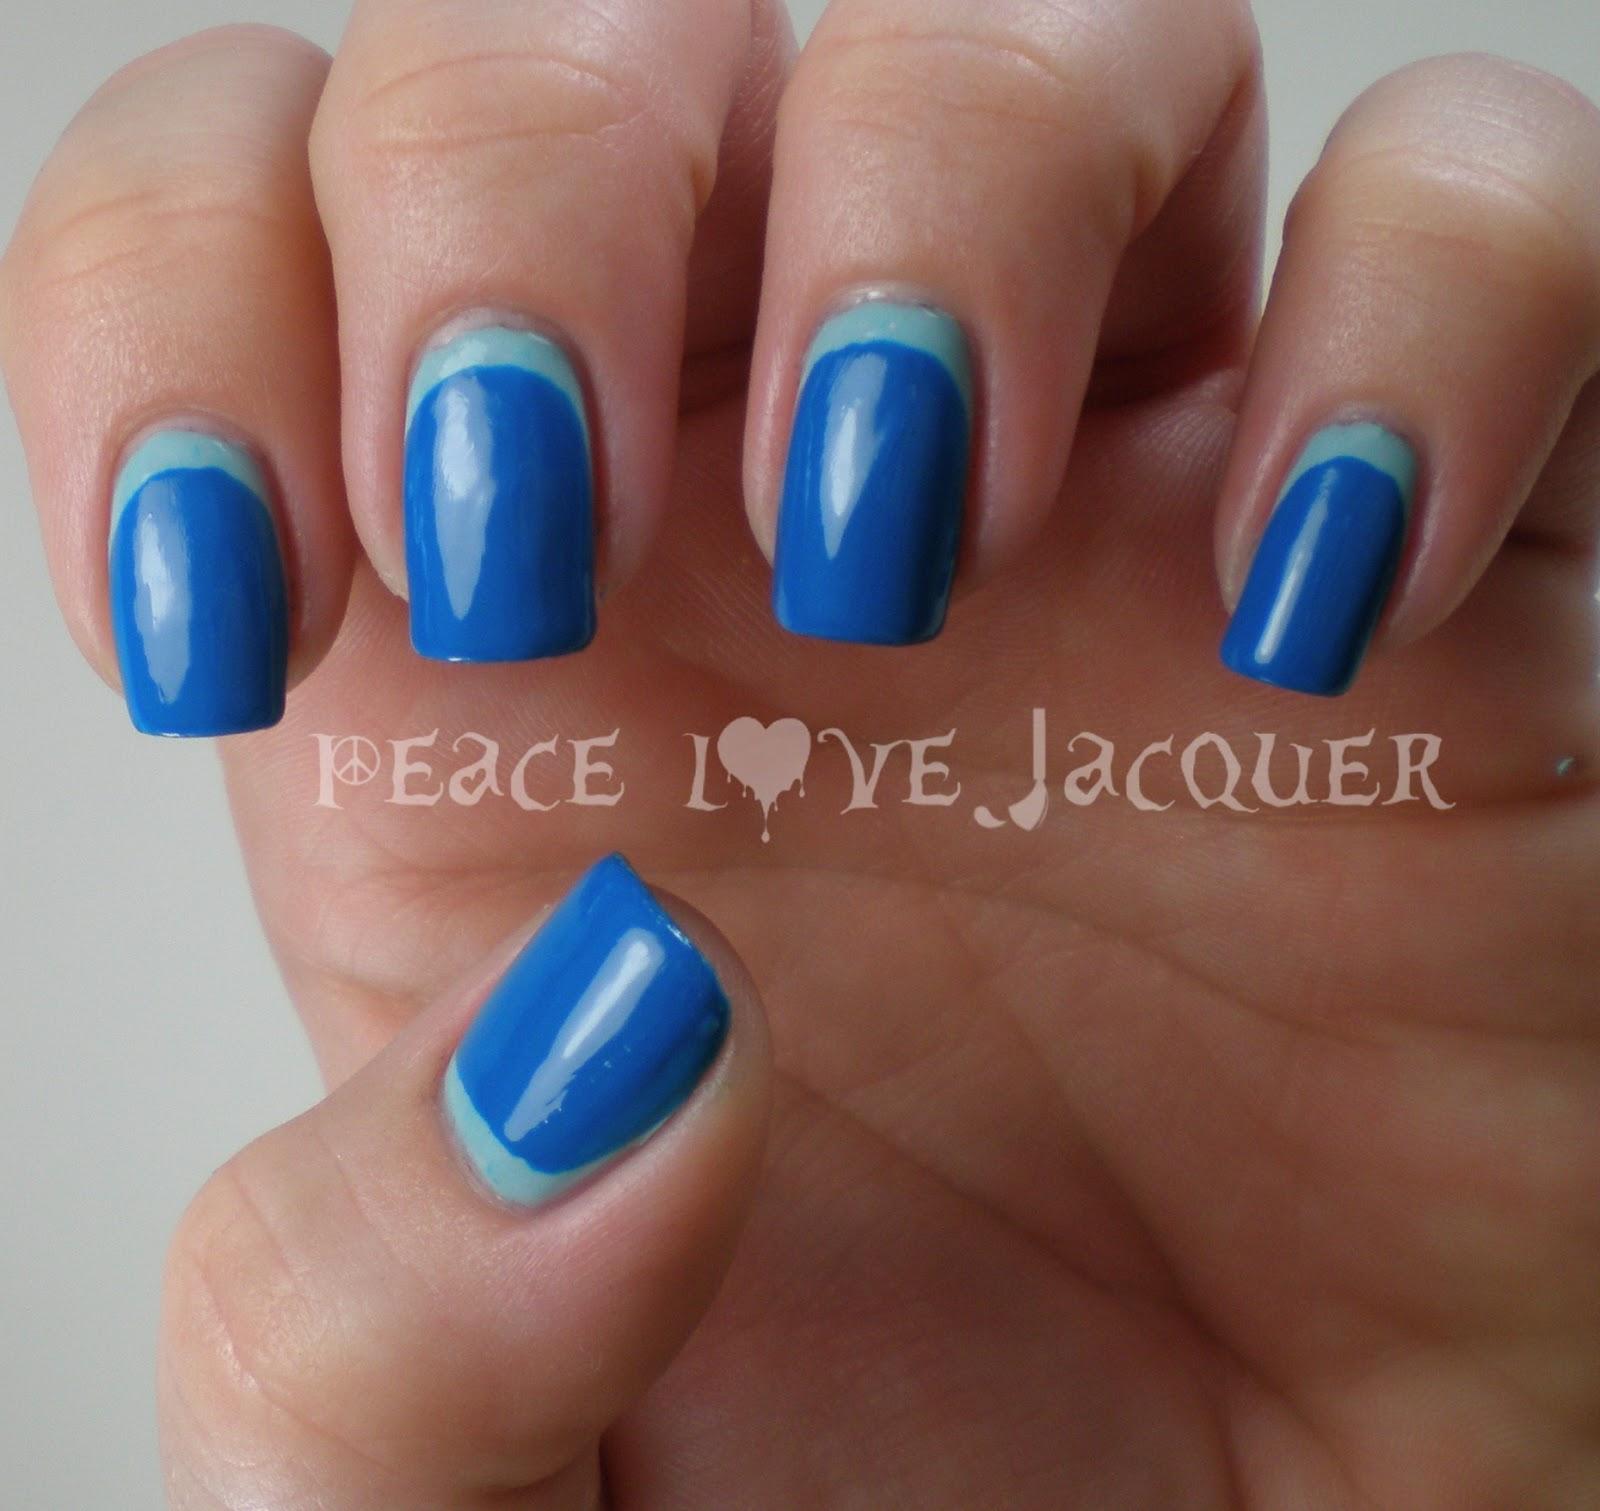 peace love lacquer: 2013